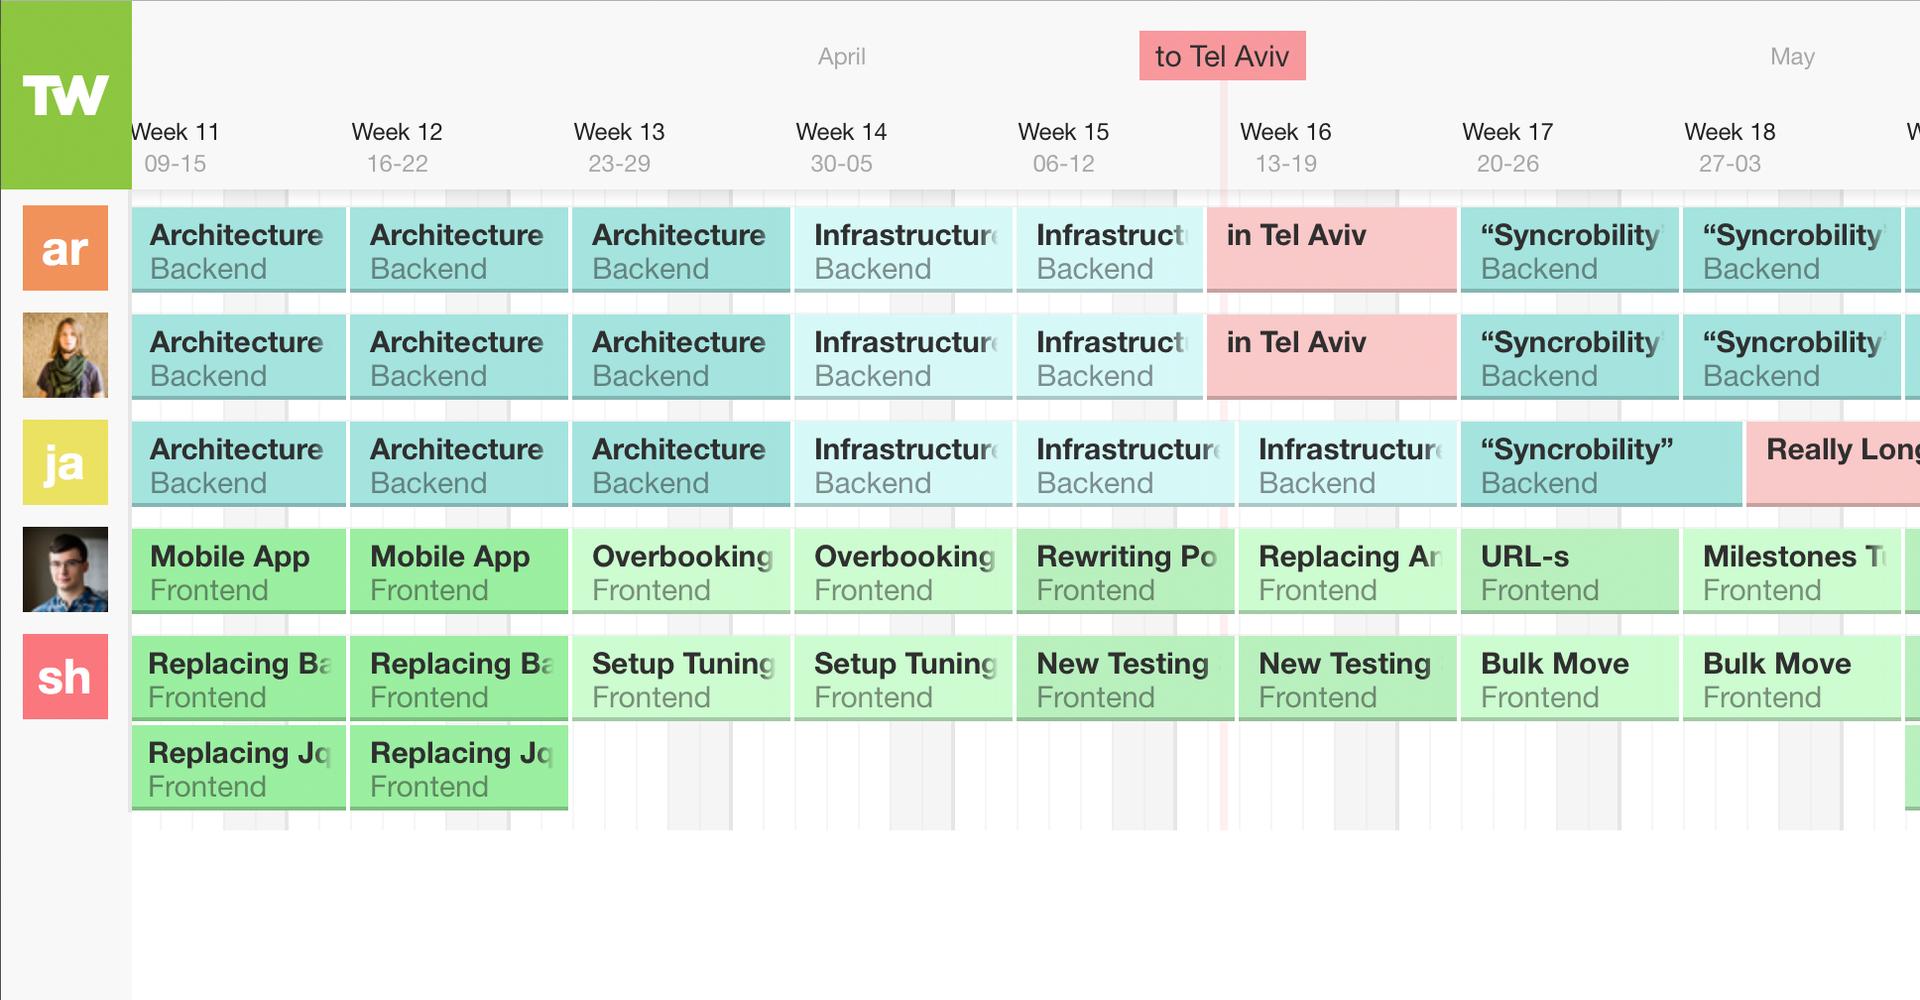 43 полезных сервиса для управления проектами. Без эпитетов - 11